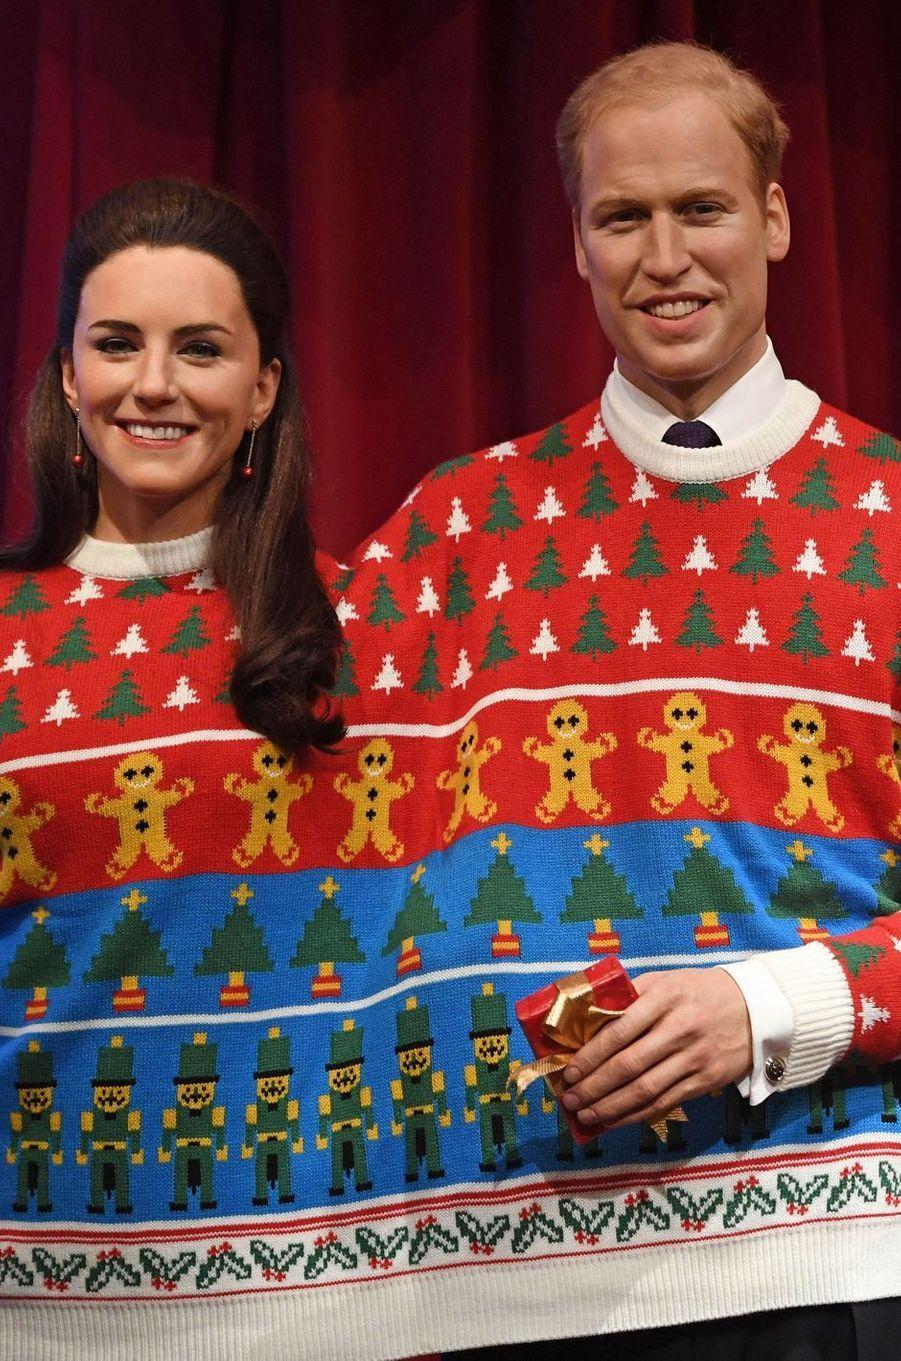 Les statues de cire de Kate Middleton et du princes William au musée Madame Tussauds à Londres en habits de Noël, le 6 décembre 2016